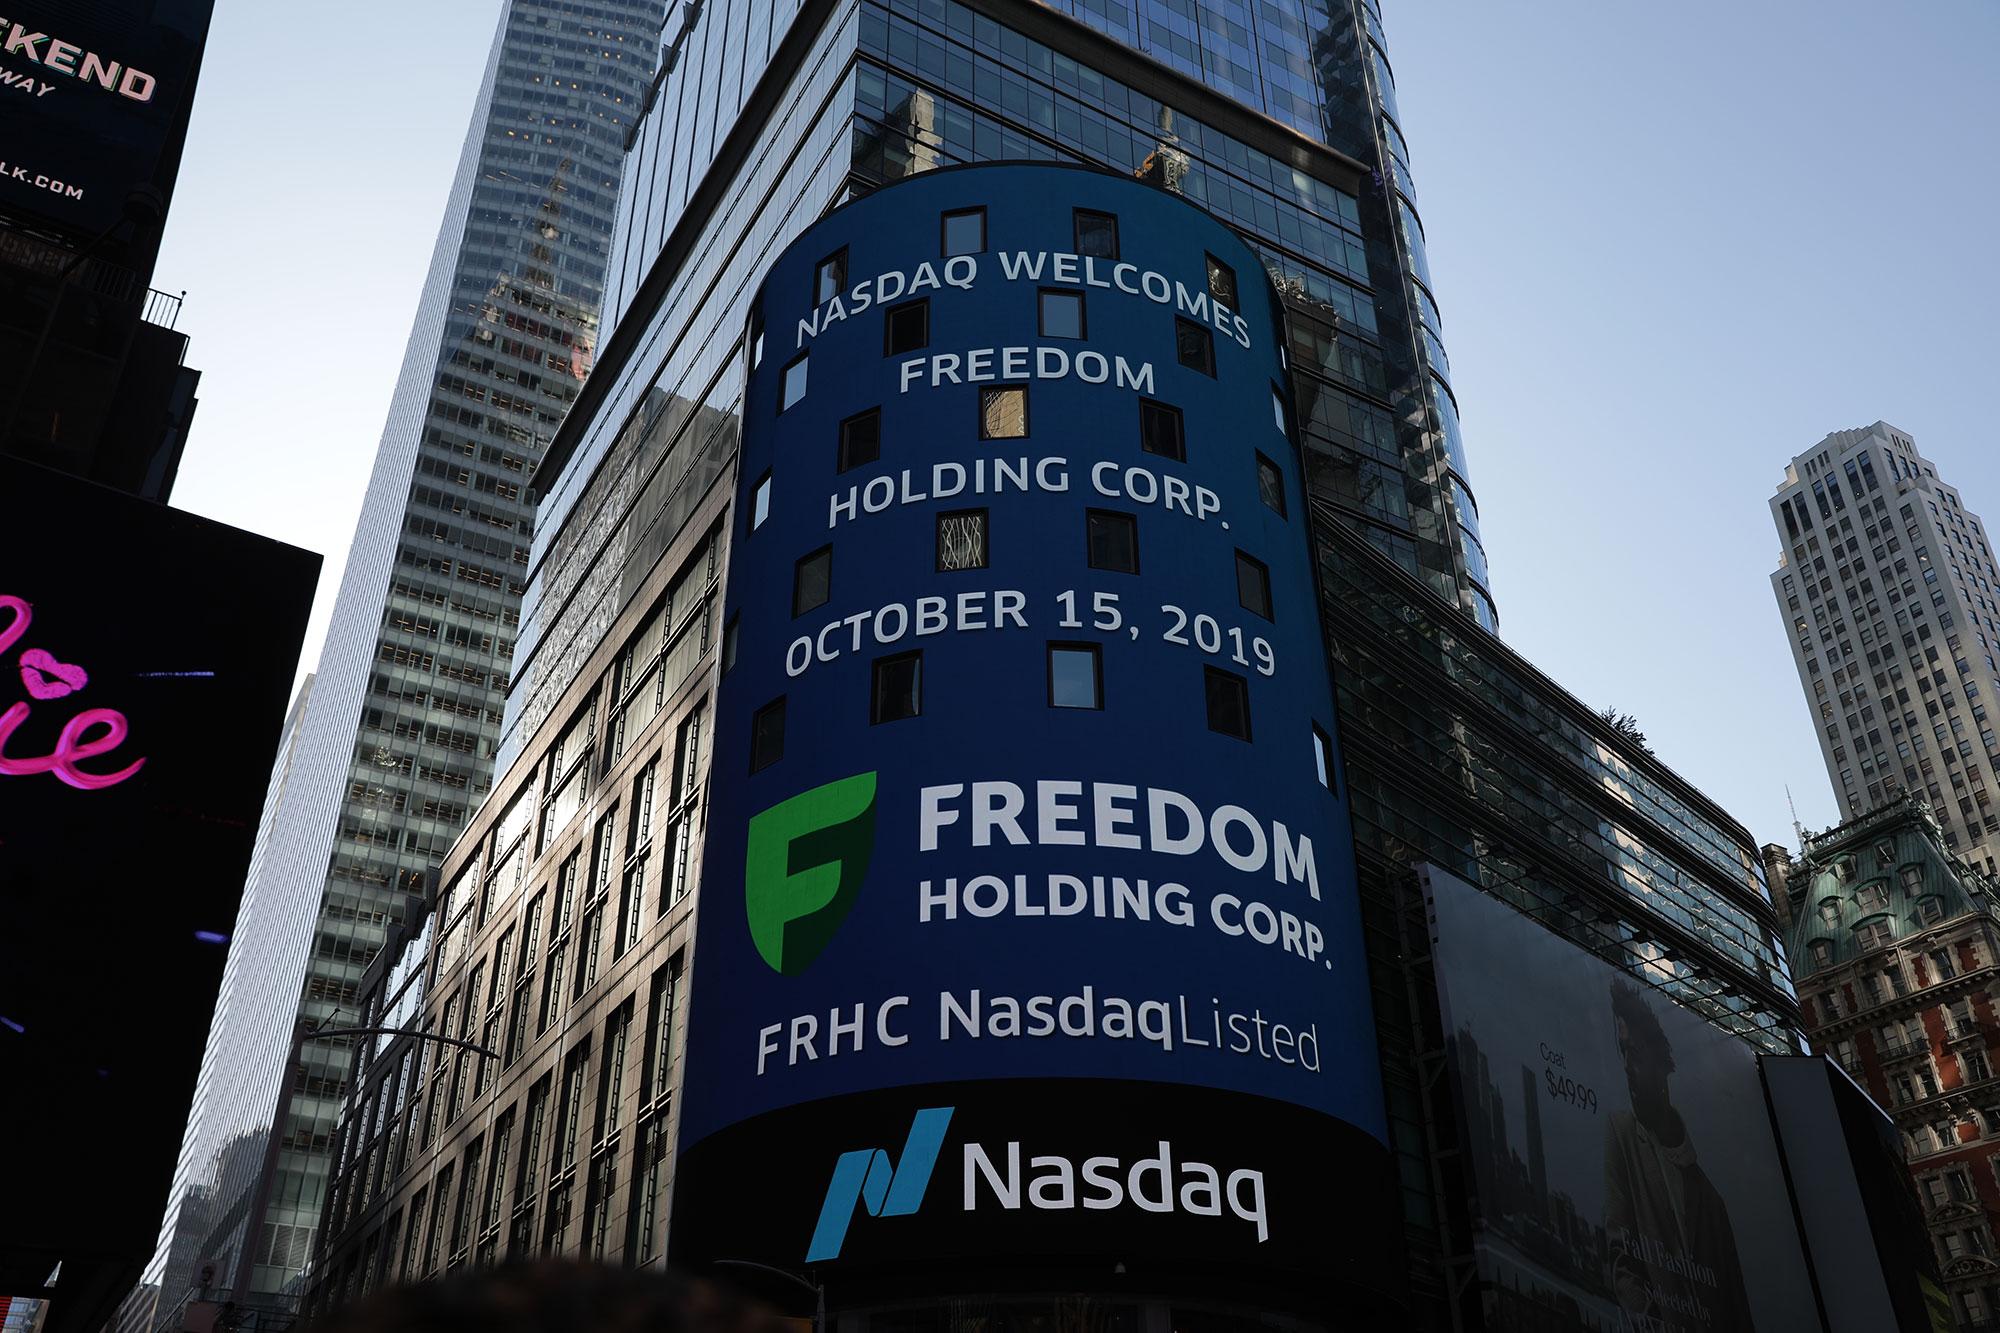 15 октября набирже NASDAQ стартовали торги акциями Freedom Holding Corp.